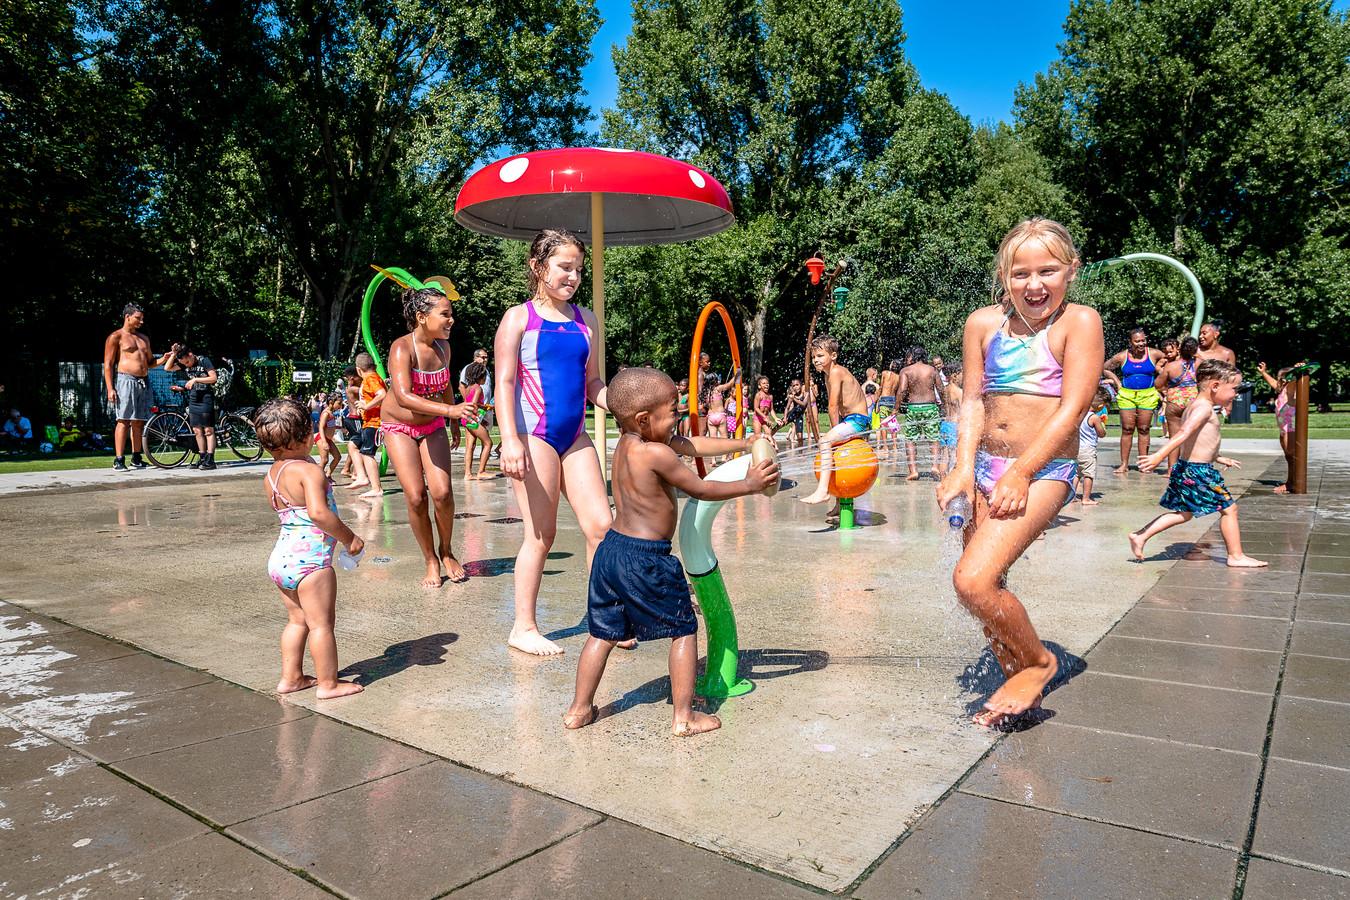 Op deze zomerse dagen trekken veel kinderen en hun ouders naar het Schollebos voor een portie waterplezier. Zoals de 7-jarige Guusje, die een grote straal op zich gericht krijgt.